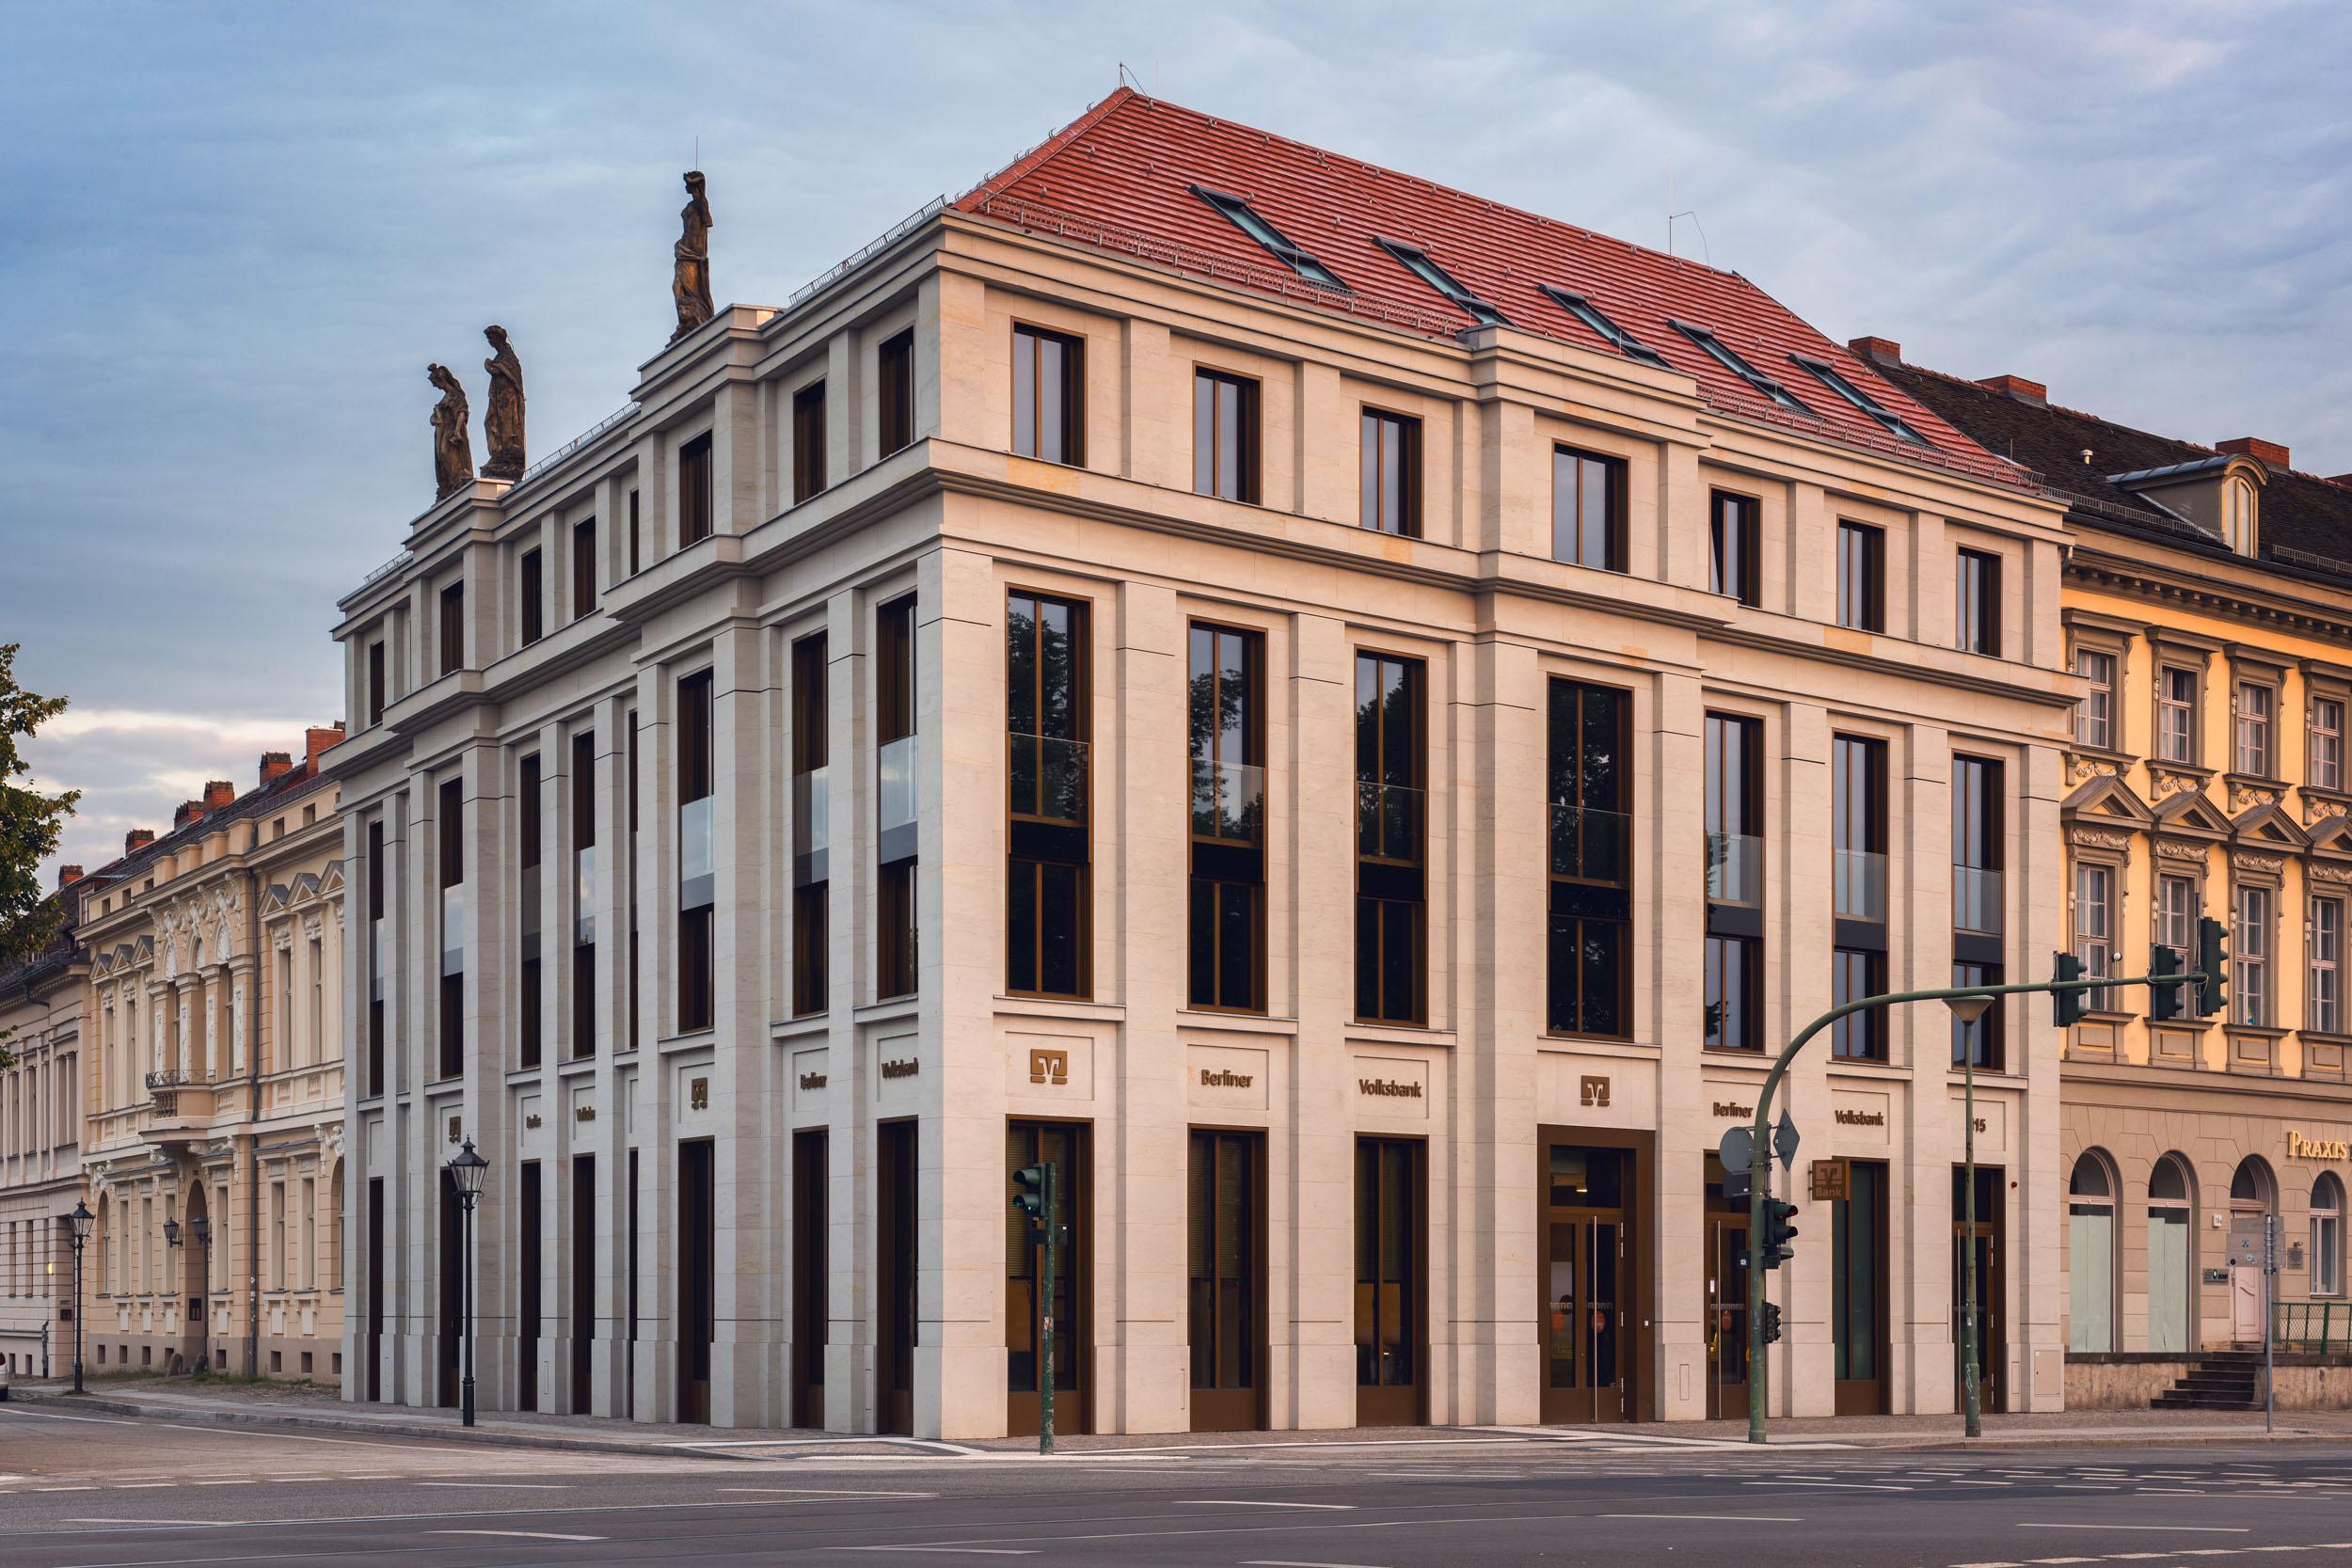 Gustav-Epple-Bauunternehmung-Volksbank-Berlin_MLX6295#02